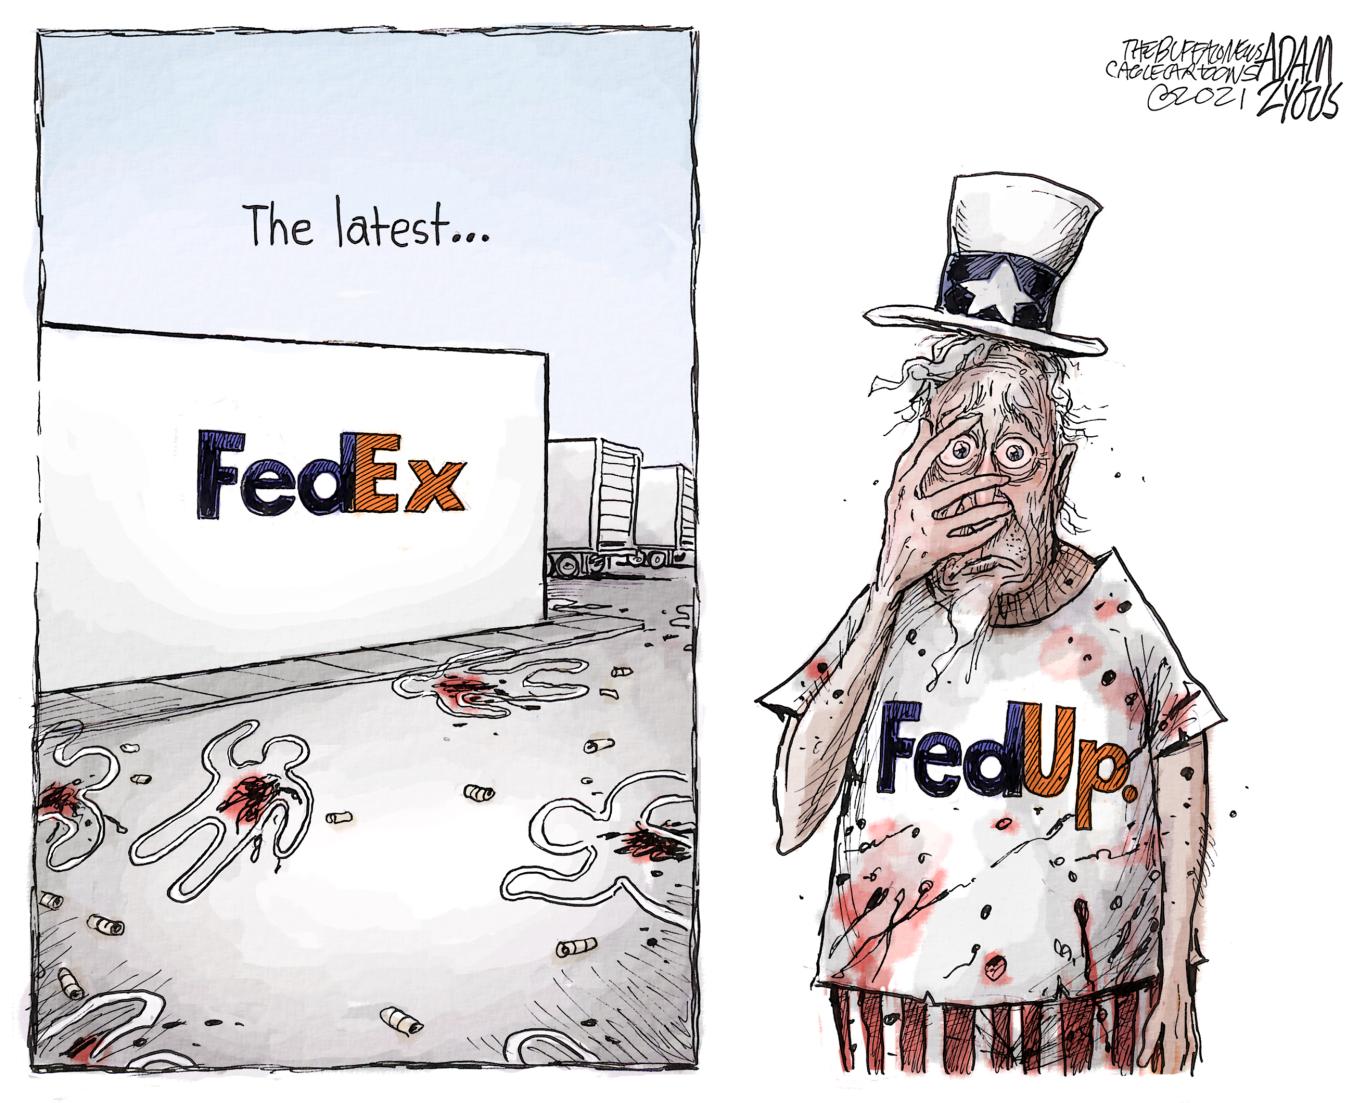 MASS SHOOTING, FEDEX, FED UP, GUNS, VIOLENCE, ASSAULT WEAPONS